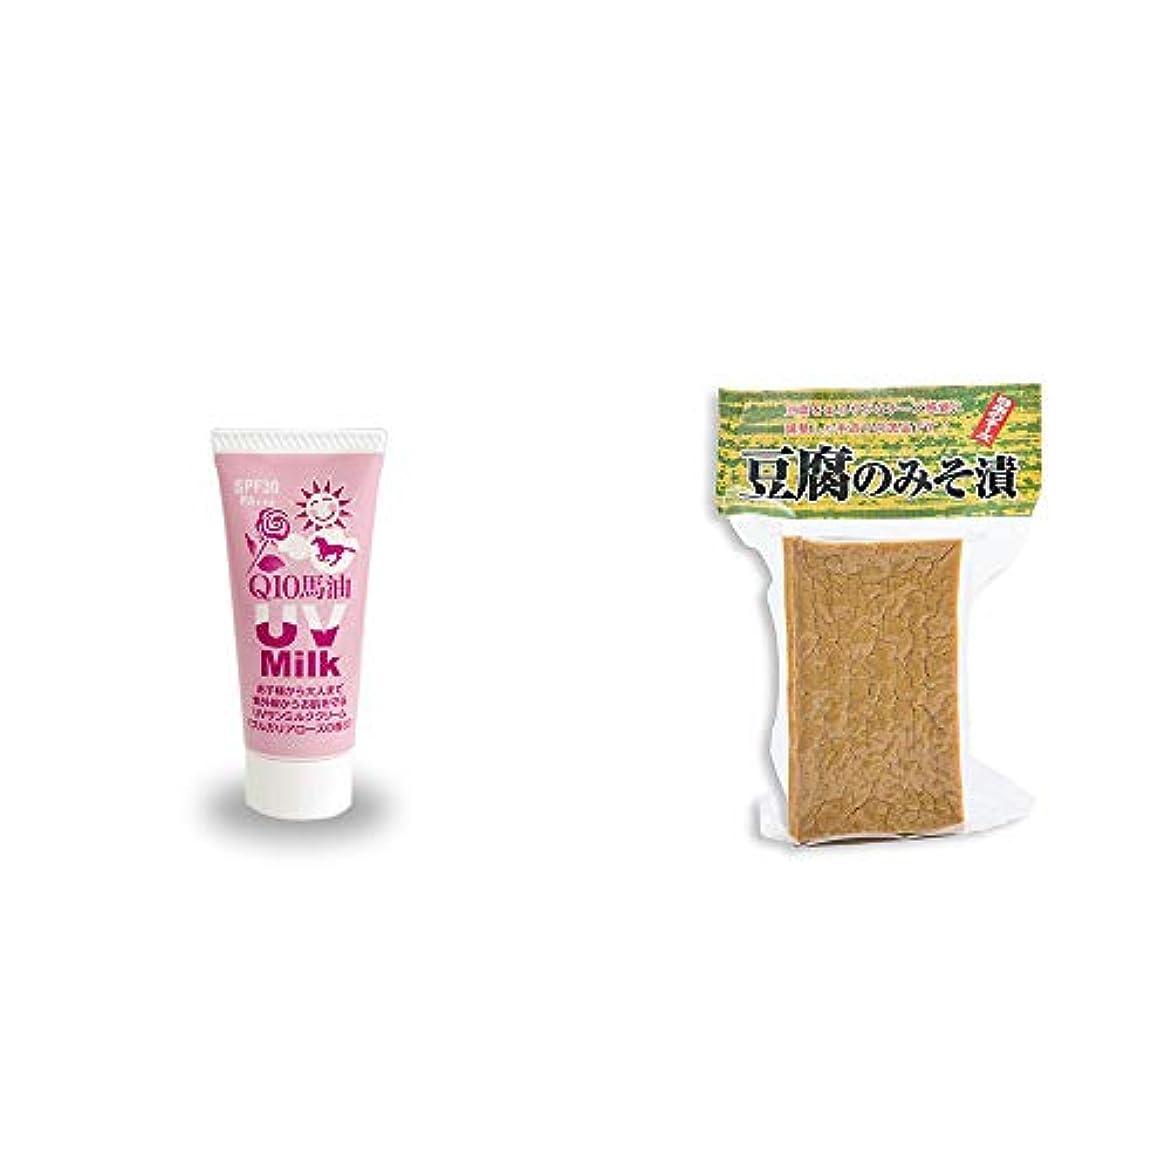 関連付ける消す遅れ[2点セット] 炭黒泉 Q10馬油 UVサンミルク[ブルガリアローズ](40g)?日本のチーズ 豆腐のみそ漬(1個入)